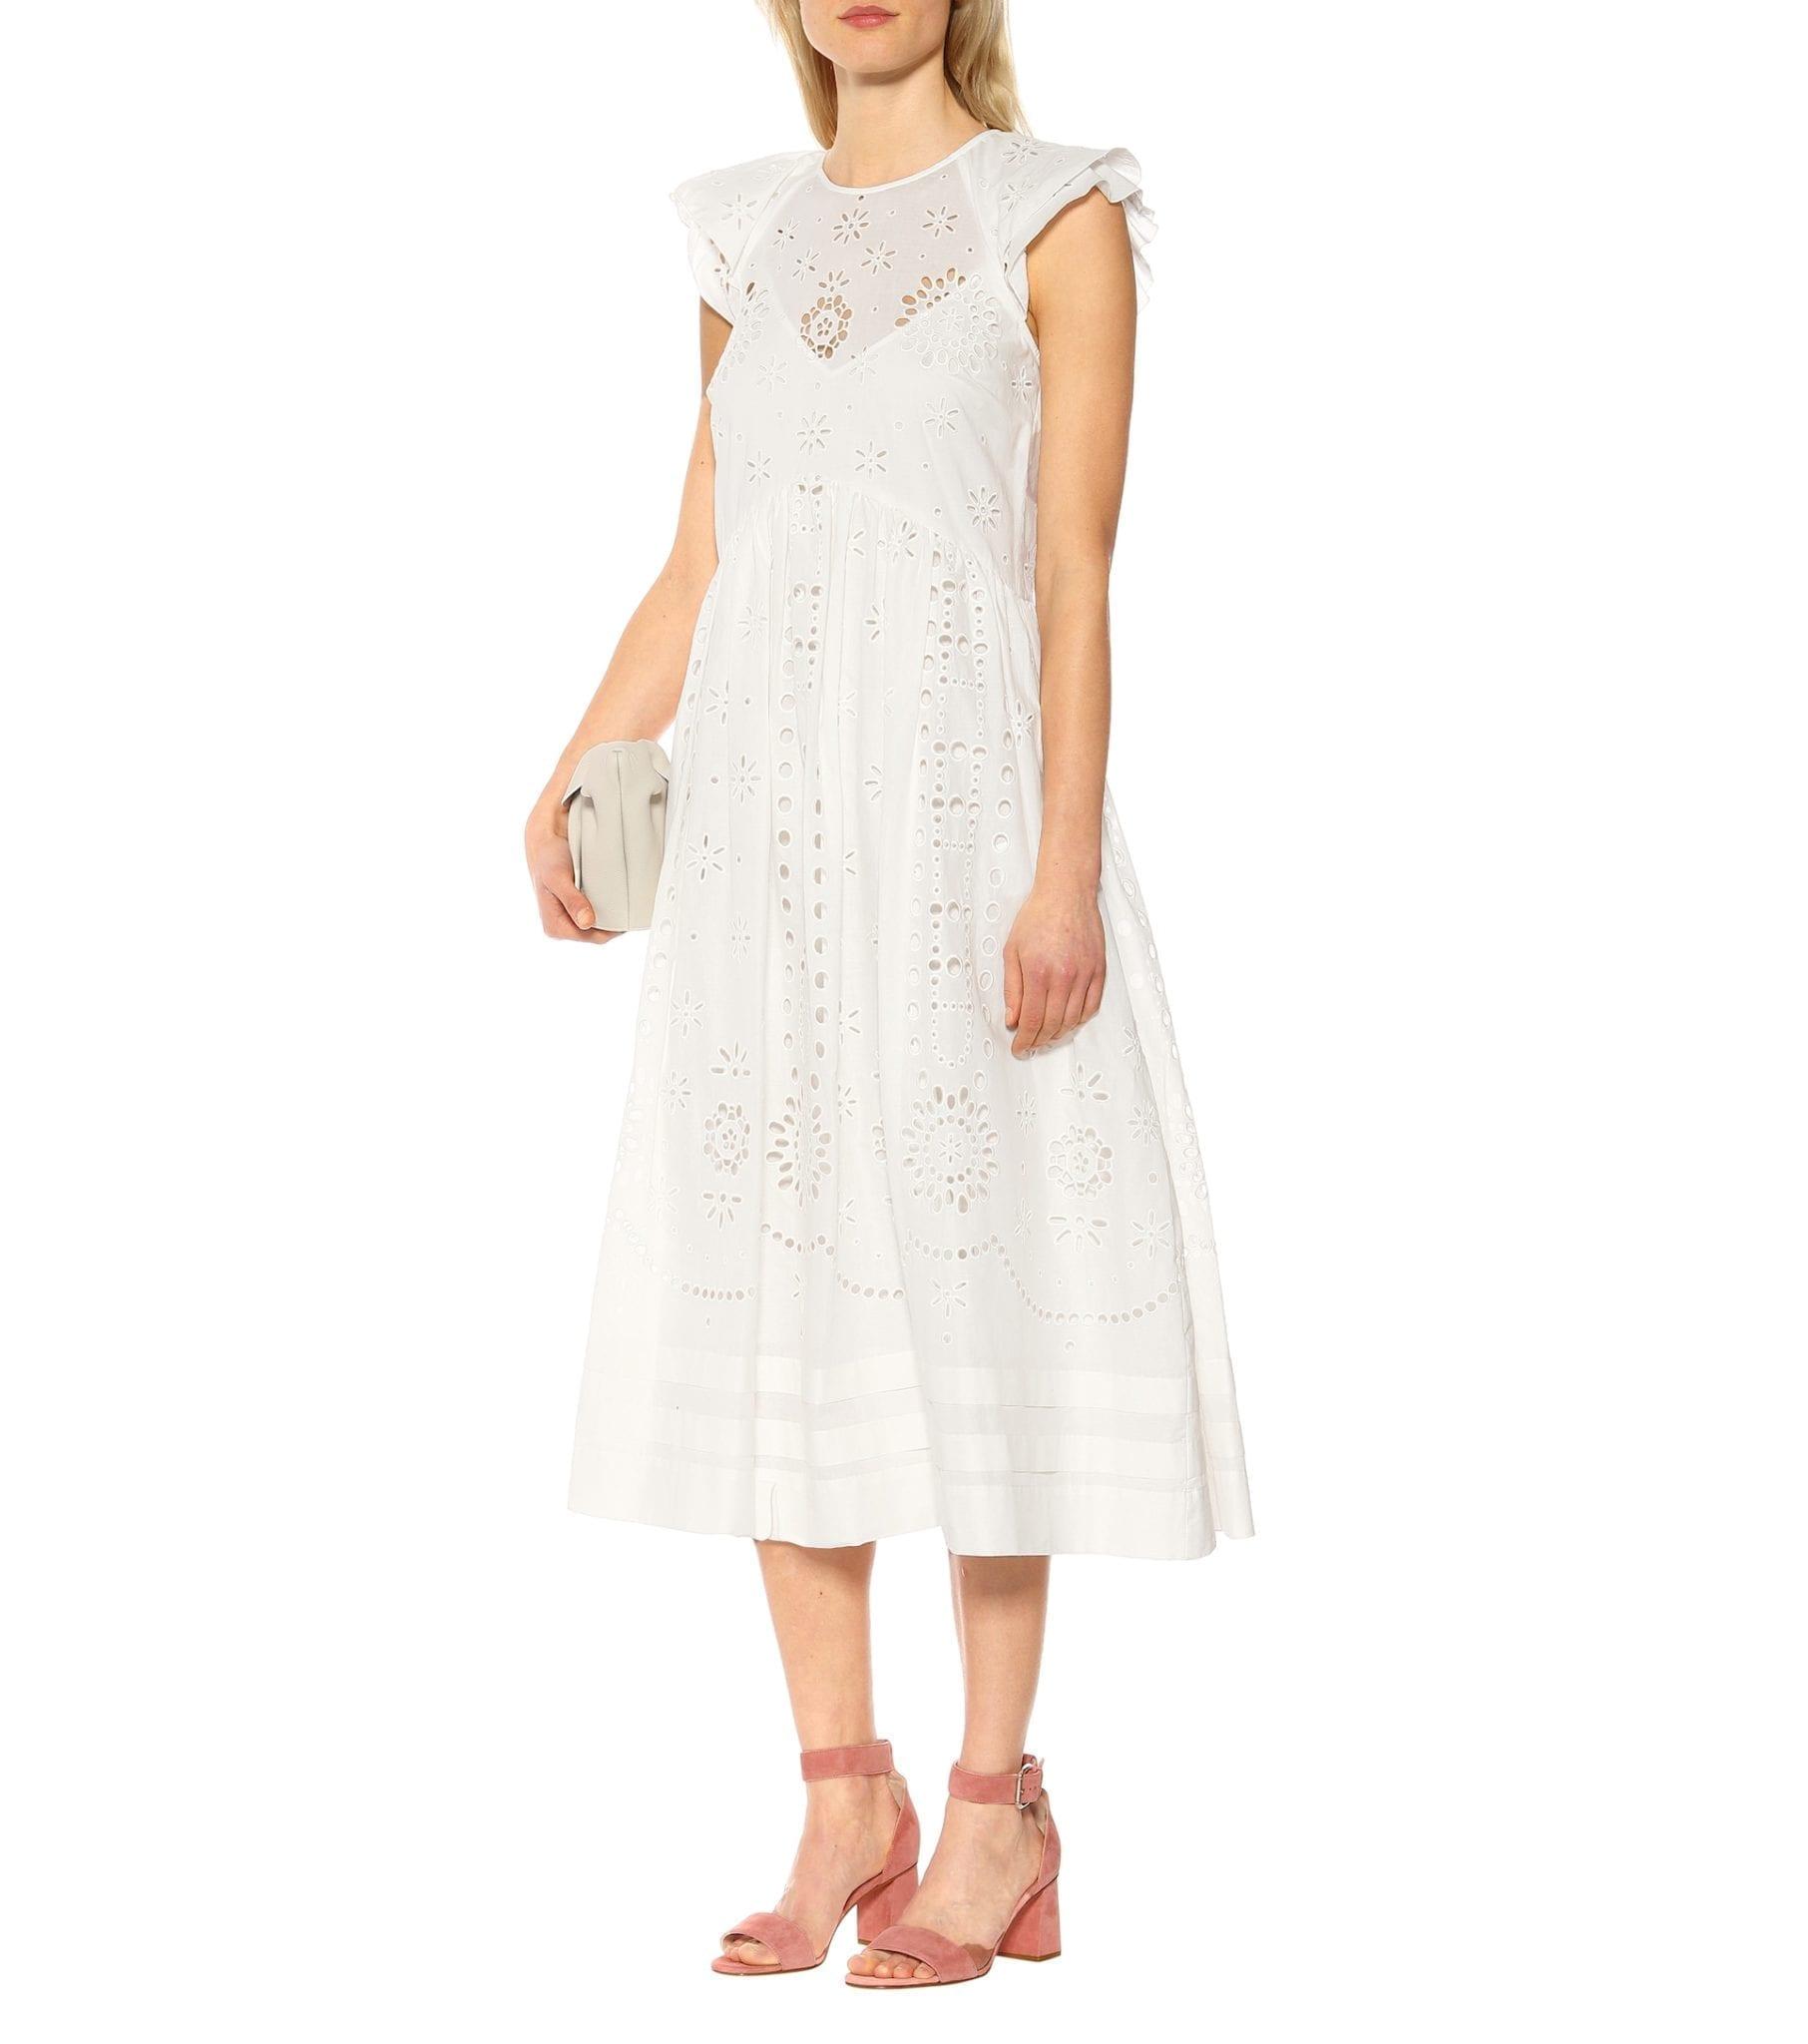 REDVALENTINO Broderie Anglaise Cotton Cream Dress